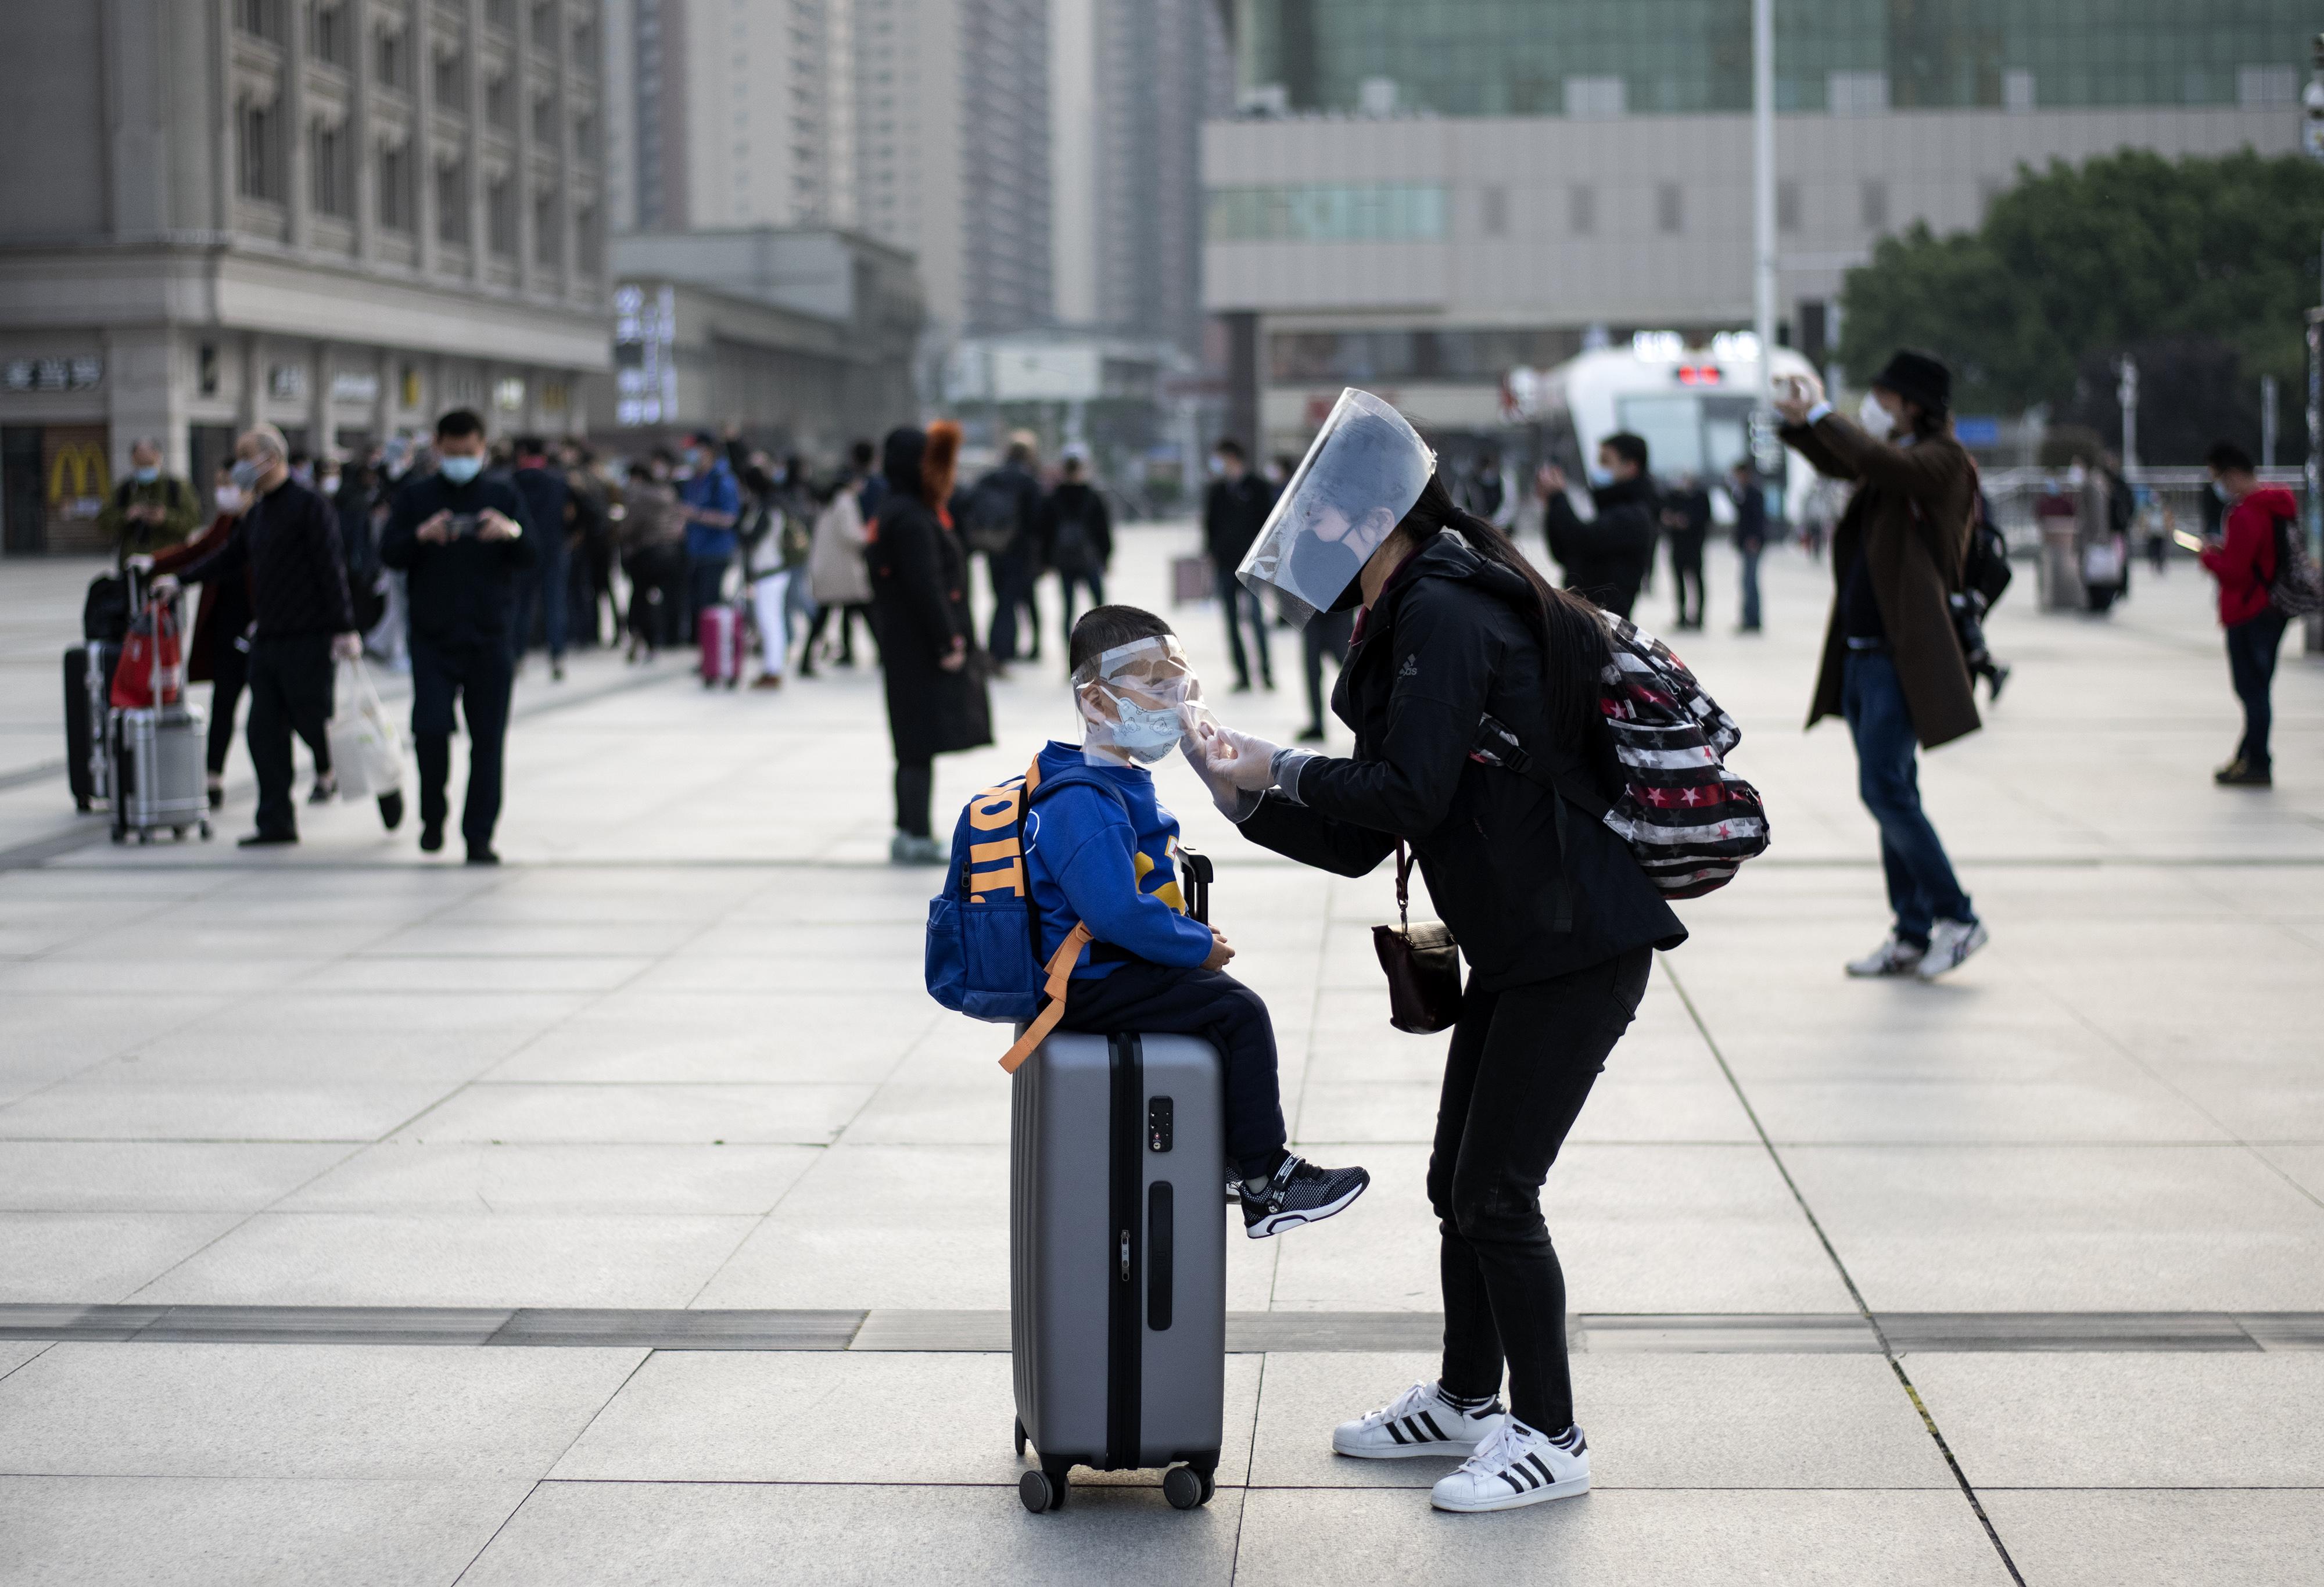 إحدى السيدات تقول إنها علقت في ووهان وابنتها بقيت وحيدة  76 يوما في مدينة أخرى